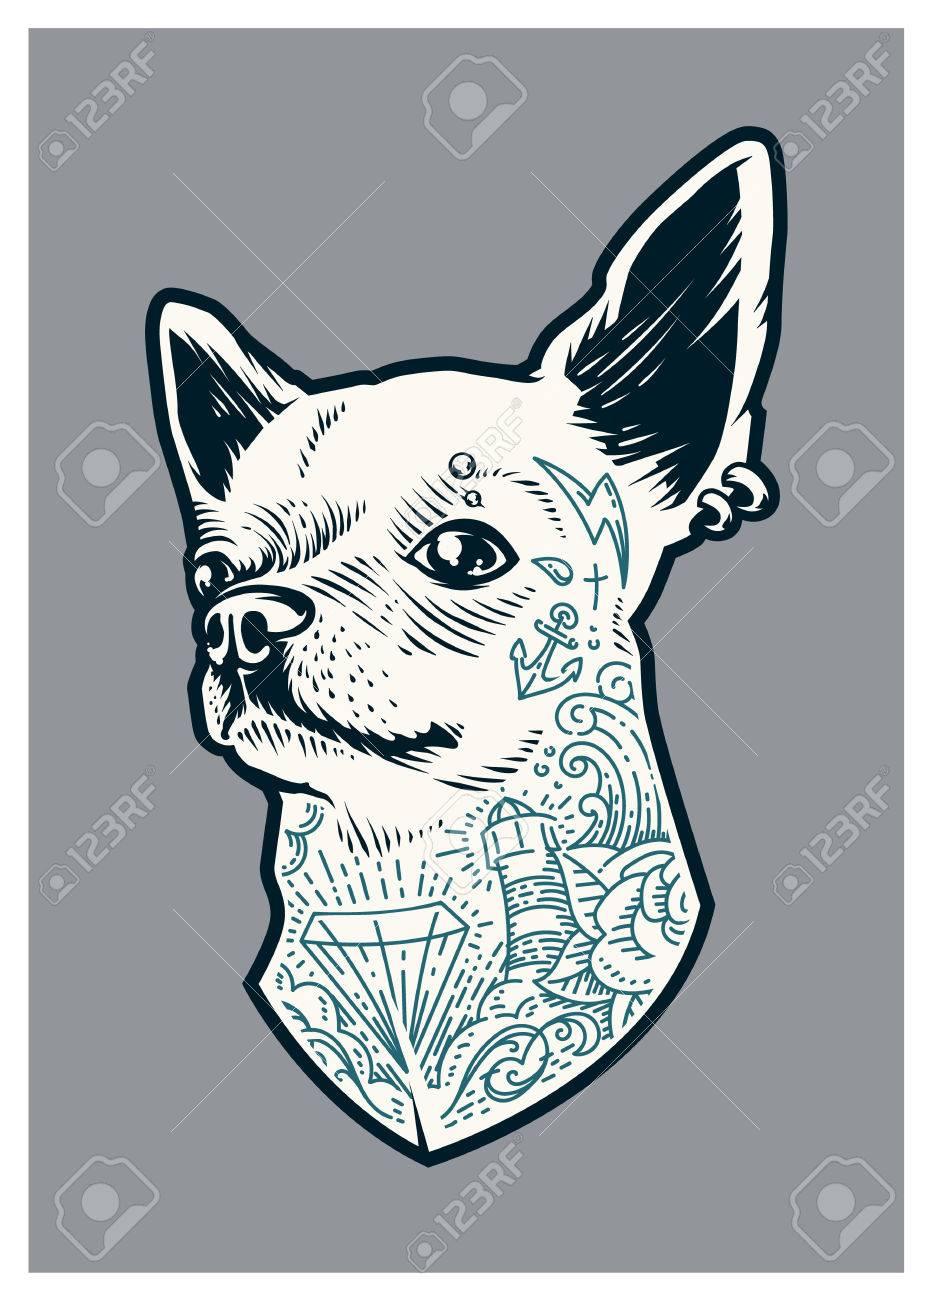 Old School Animal Tattoos